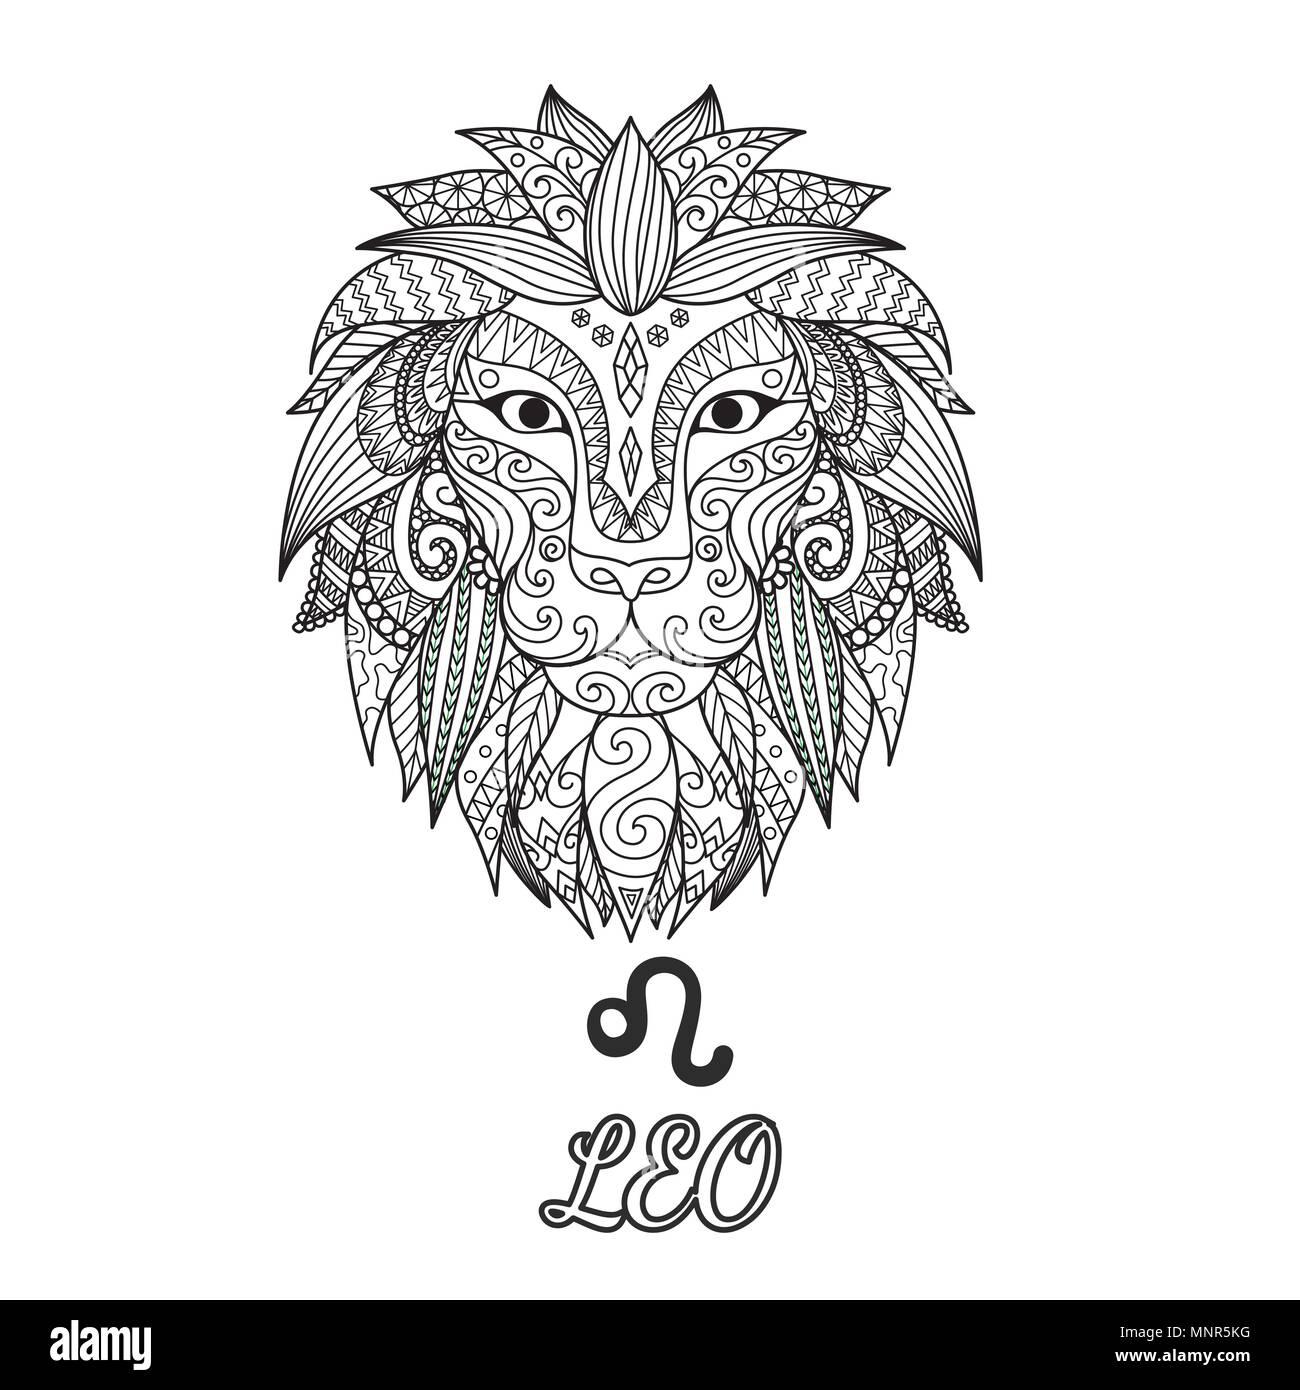 Design Zendoodle Di Leone Segno Zodiacale Per Illustrazione E